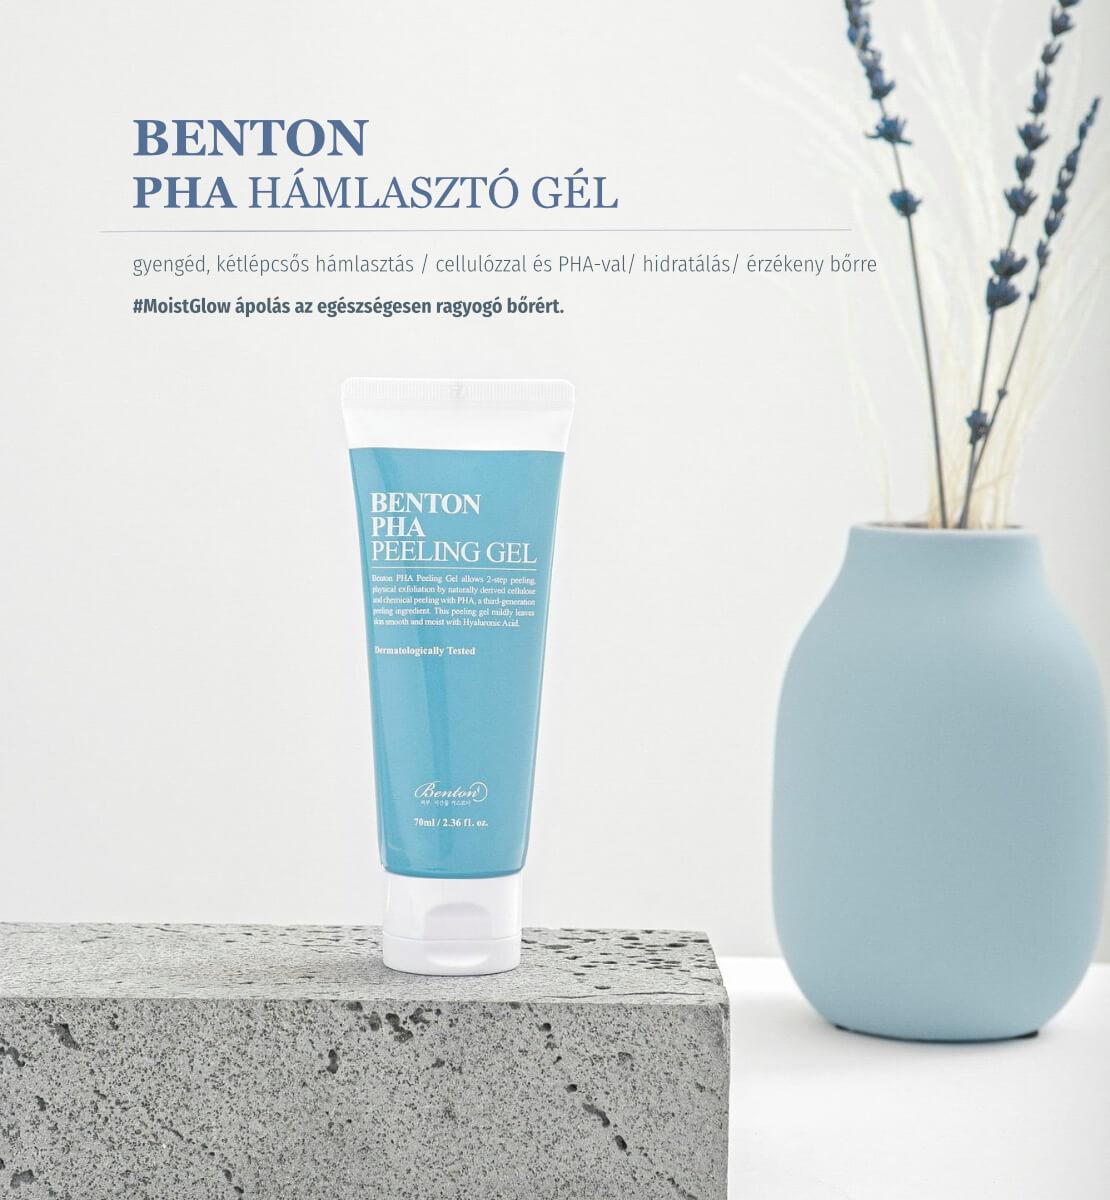 Benton-pha-hamlaszto-gel-leiras